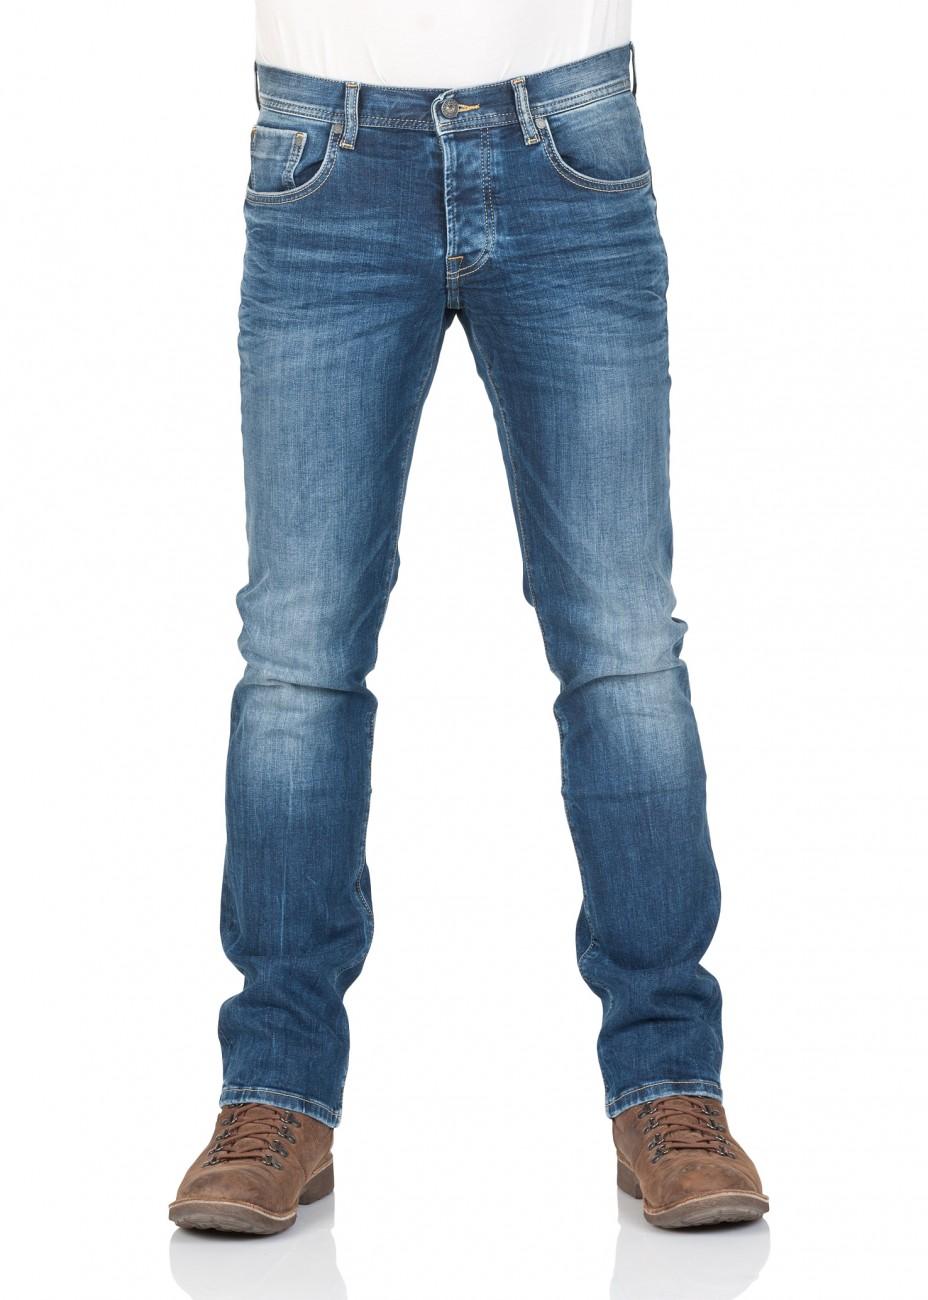 jeans herren bootcut preisvergleiche erfahrungsberichte. Black Bedroom Furniture Sets. Home Design Ideas